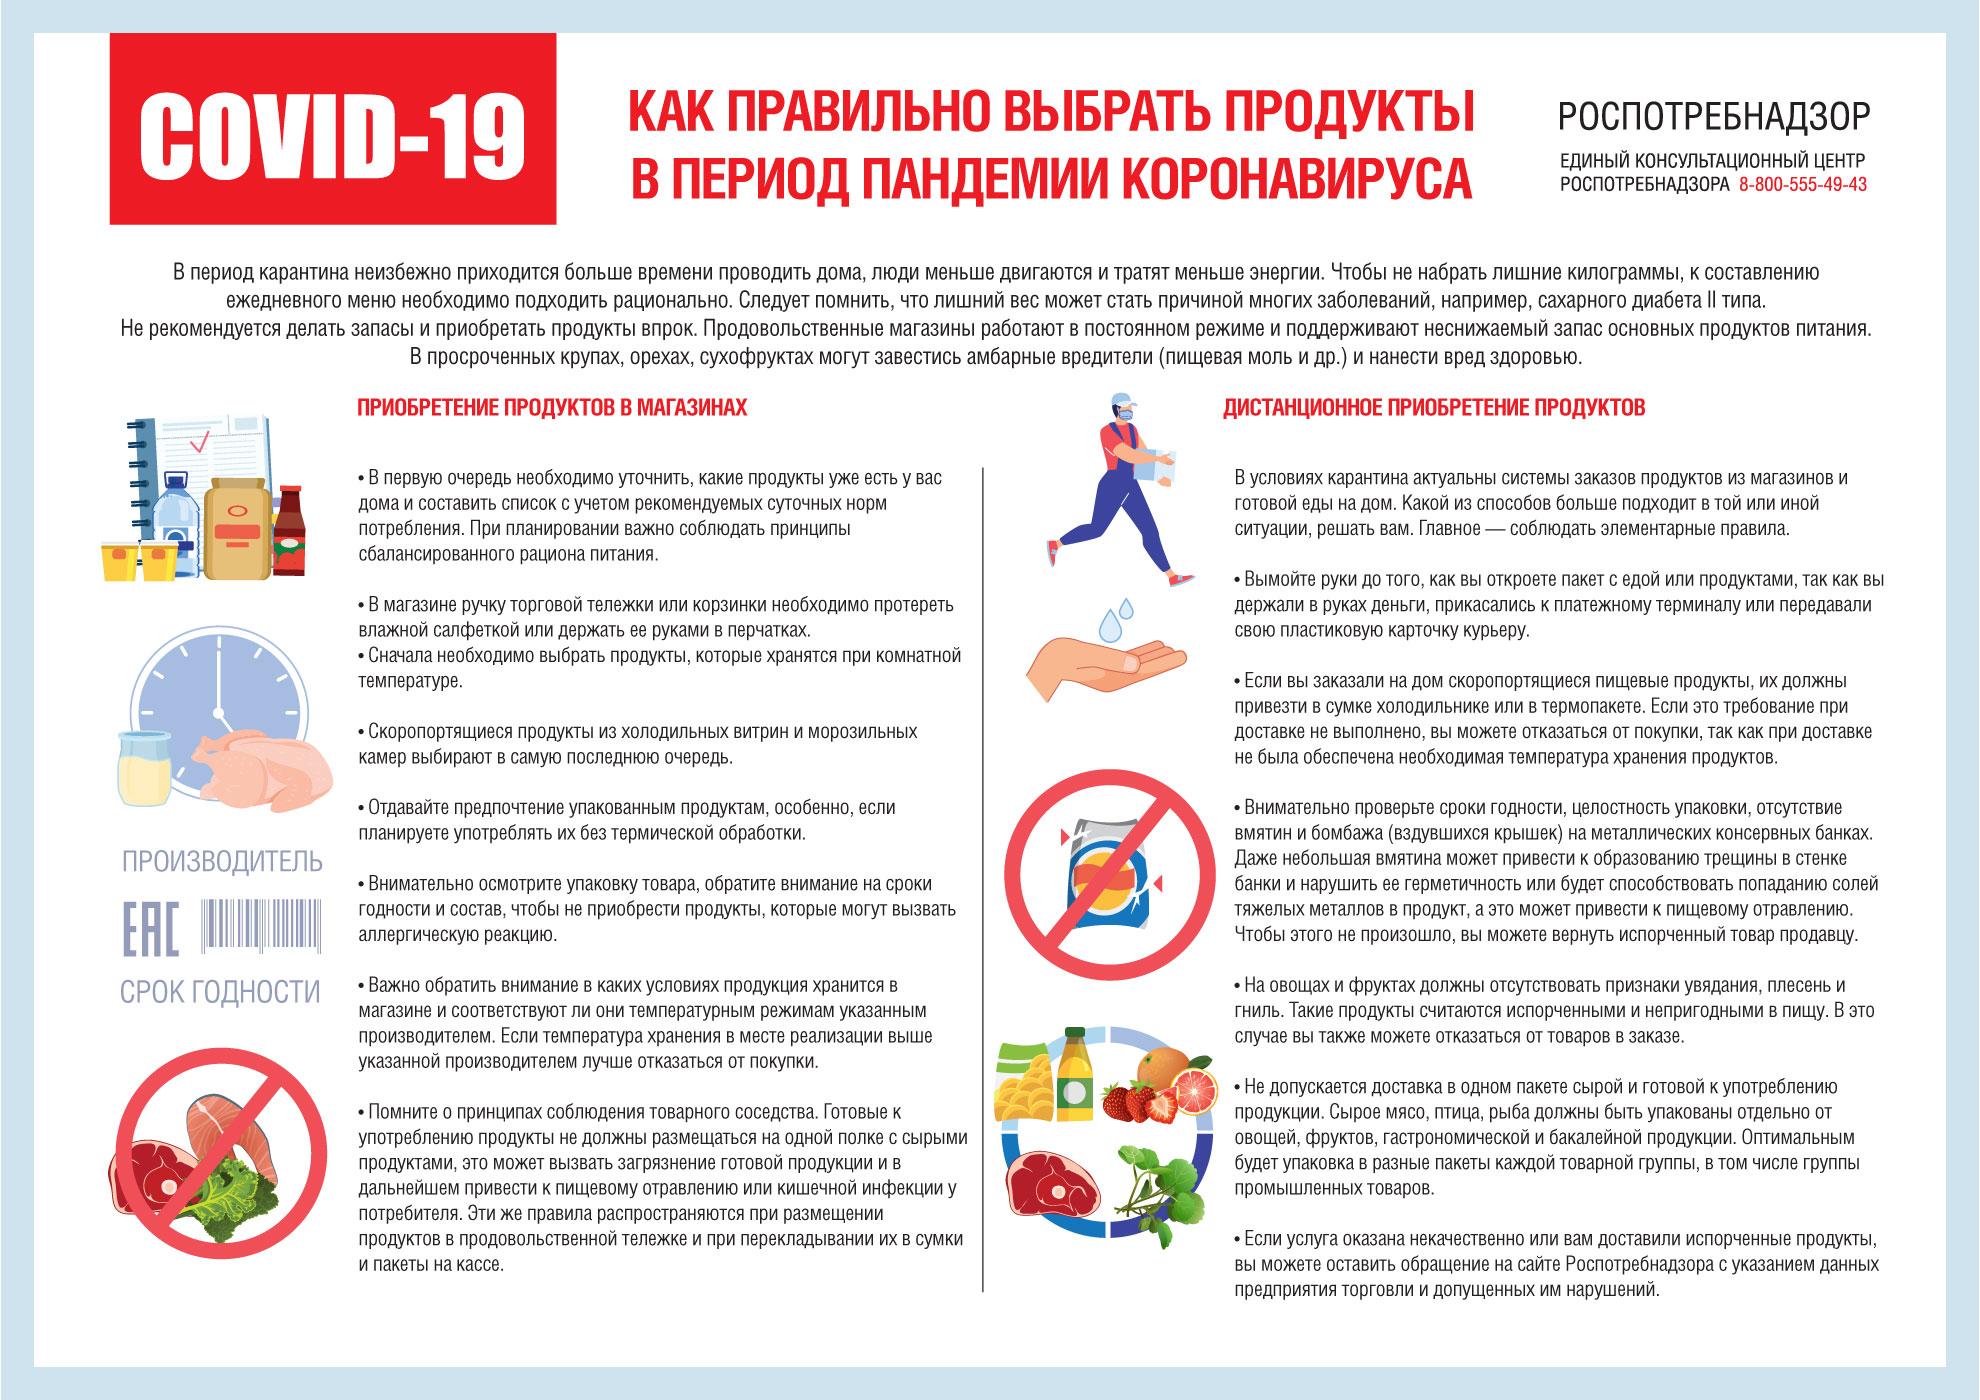 Жителям Тверской области объяснили, как не заразиться коронавирусной инфекцией в продуктовом магазине